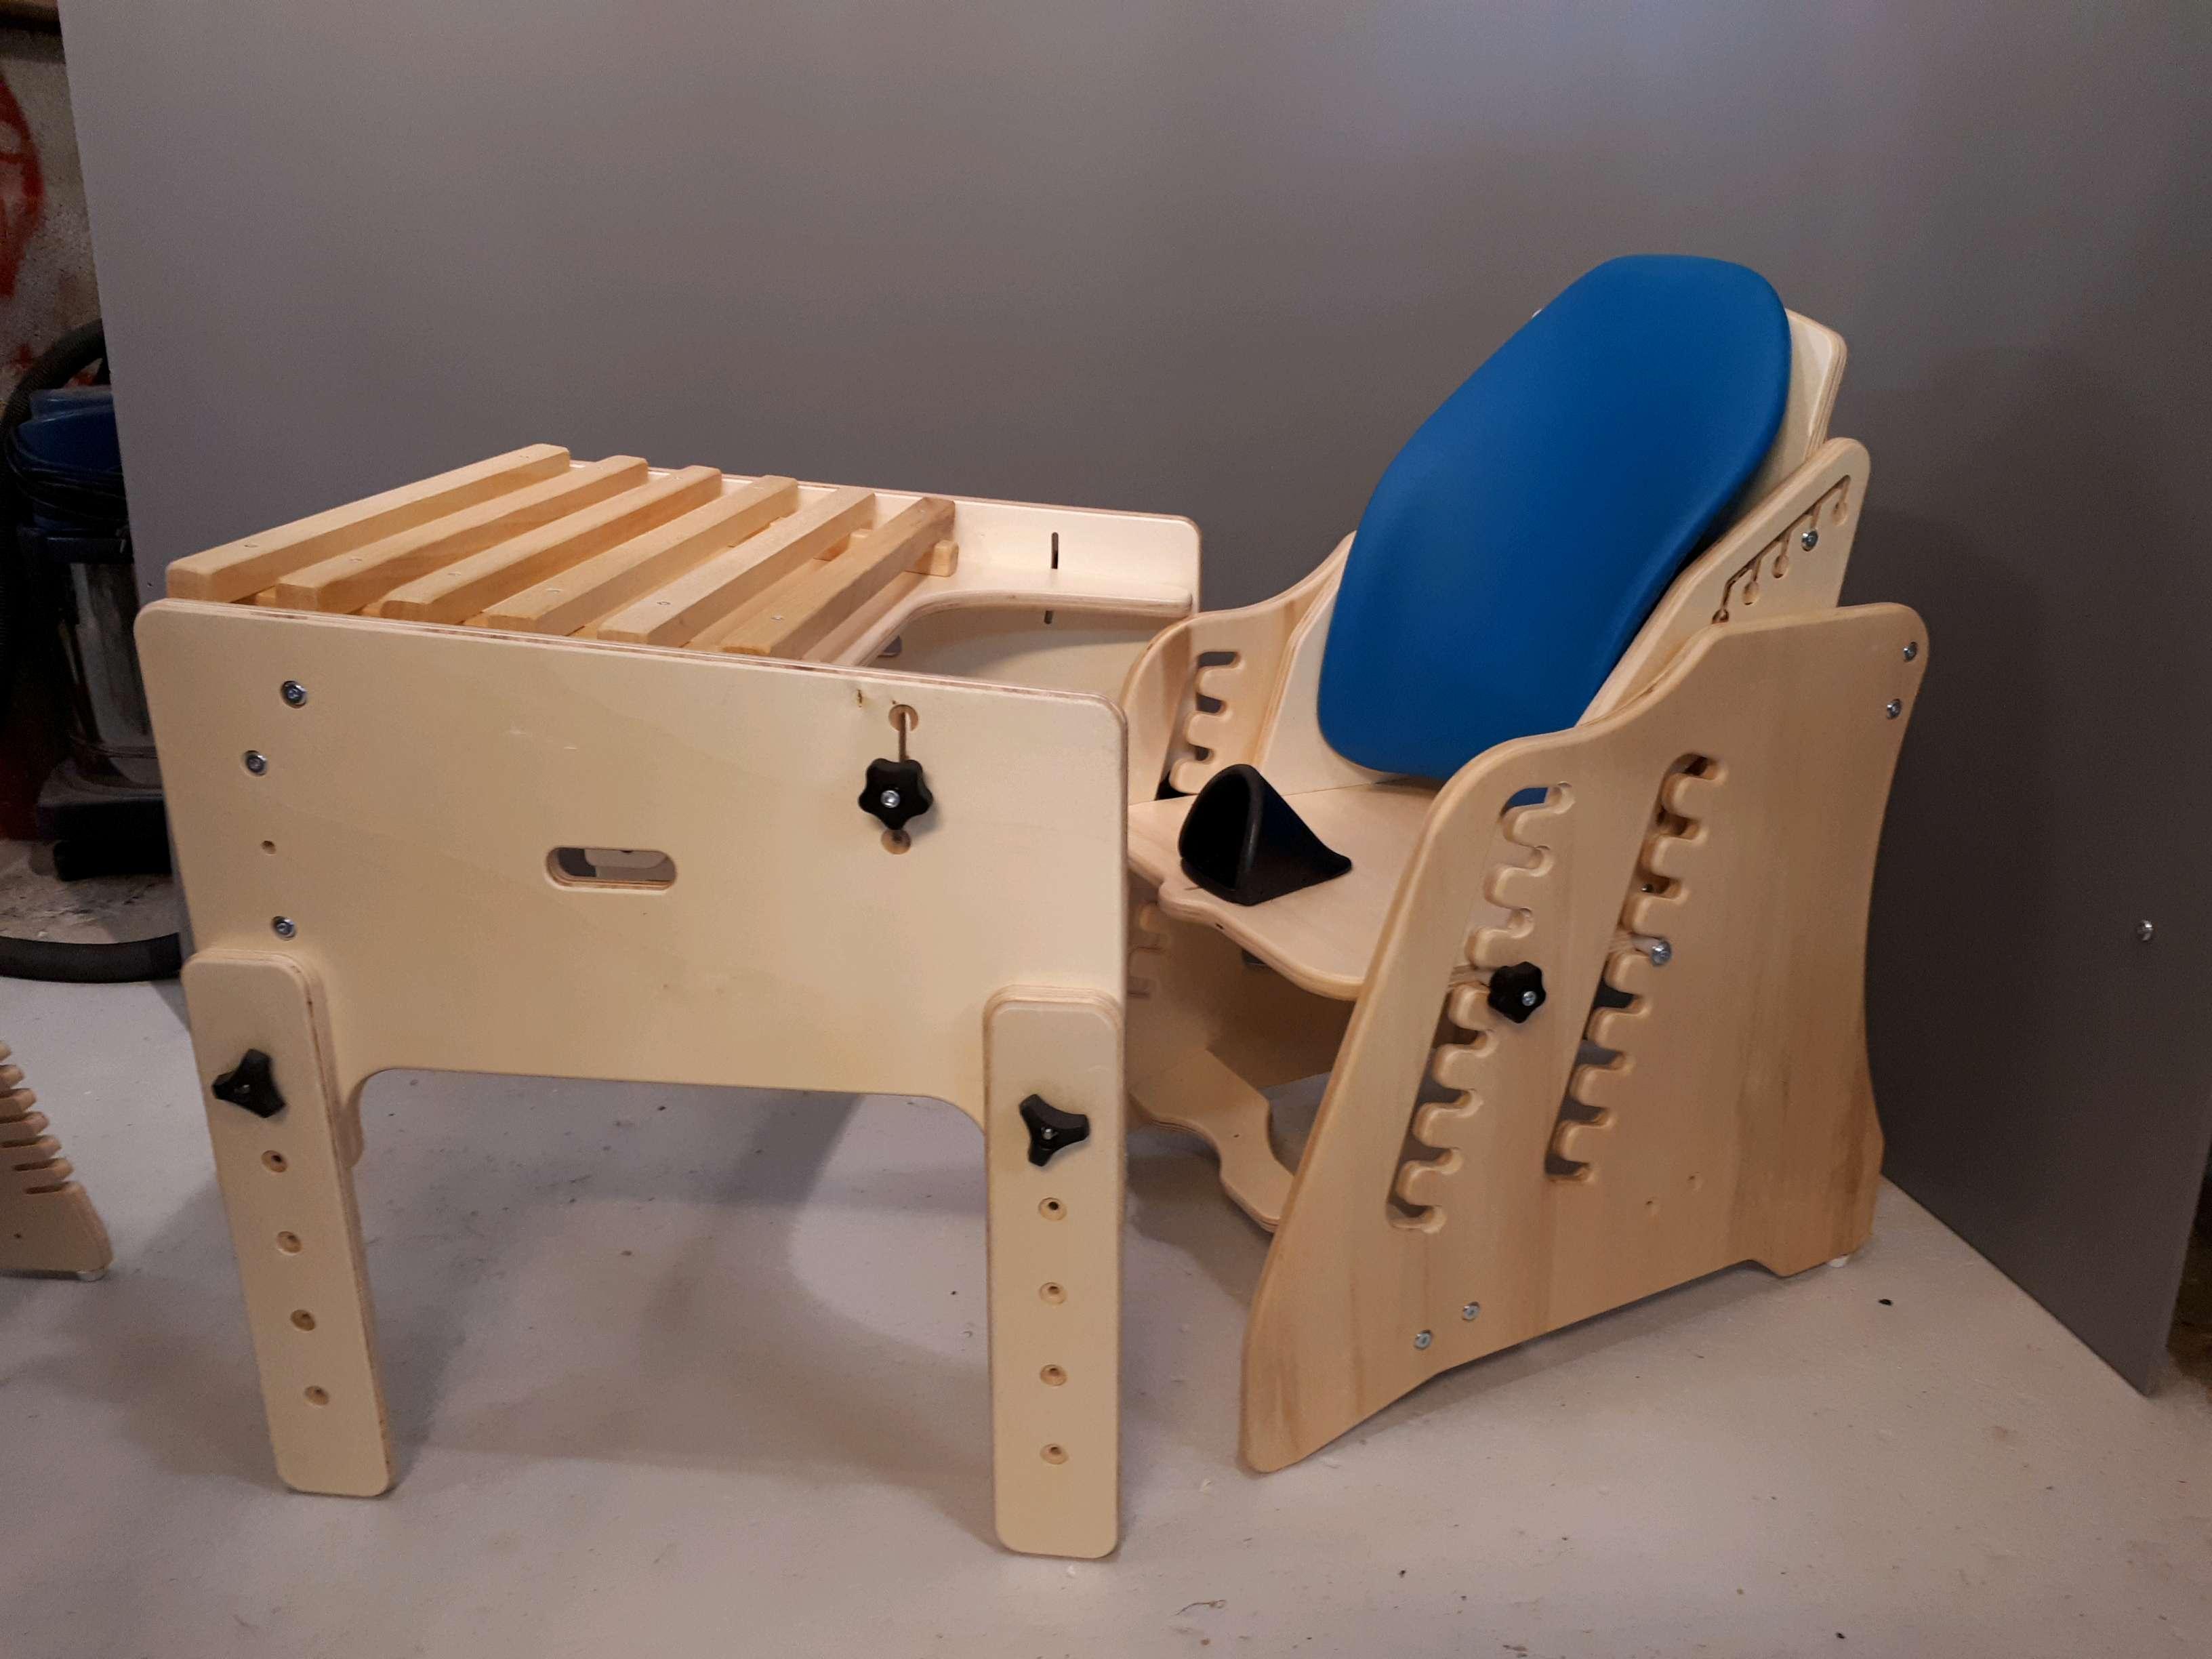 Le bureau de jules 10 ans u2013 gabamousse u2013 mobilier adapté pour